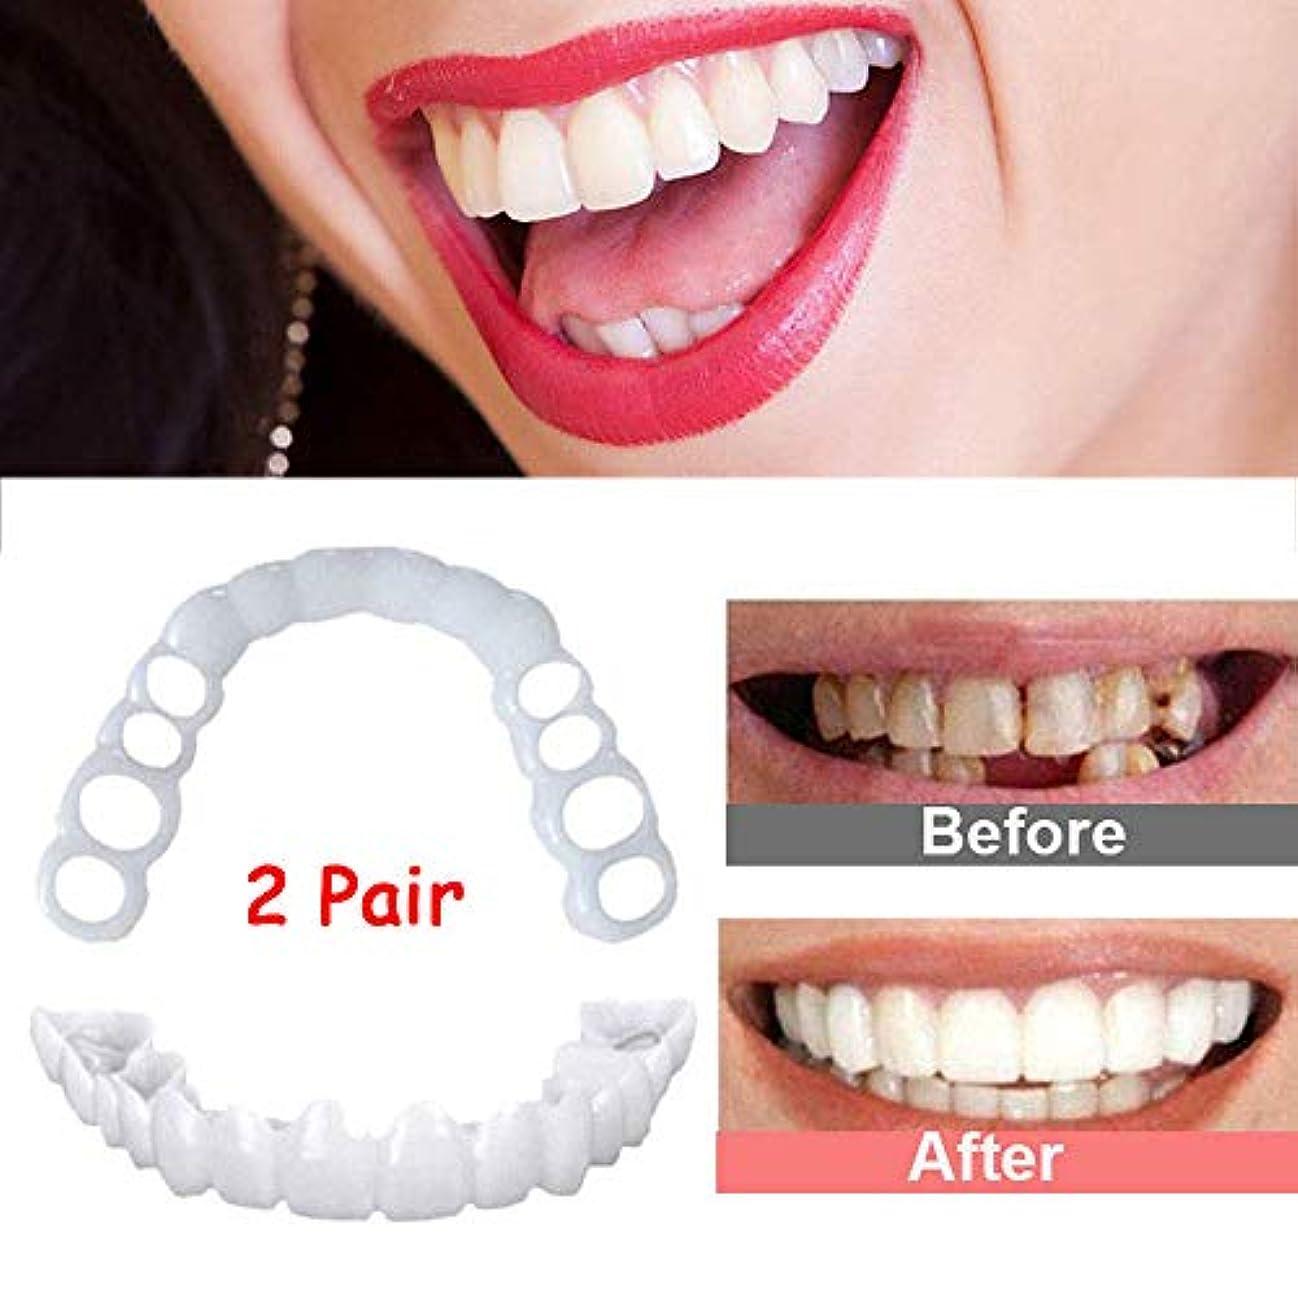 雪だるま羨望所有者パーフェクトスマイルの2ペアの再利用可能なスナップが数分でホワイトニング義歯フィットフレックス化粧品の歯快適なベニヤカバーデンタルケアアクセサリーボックス付き